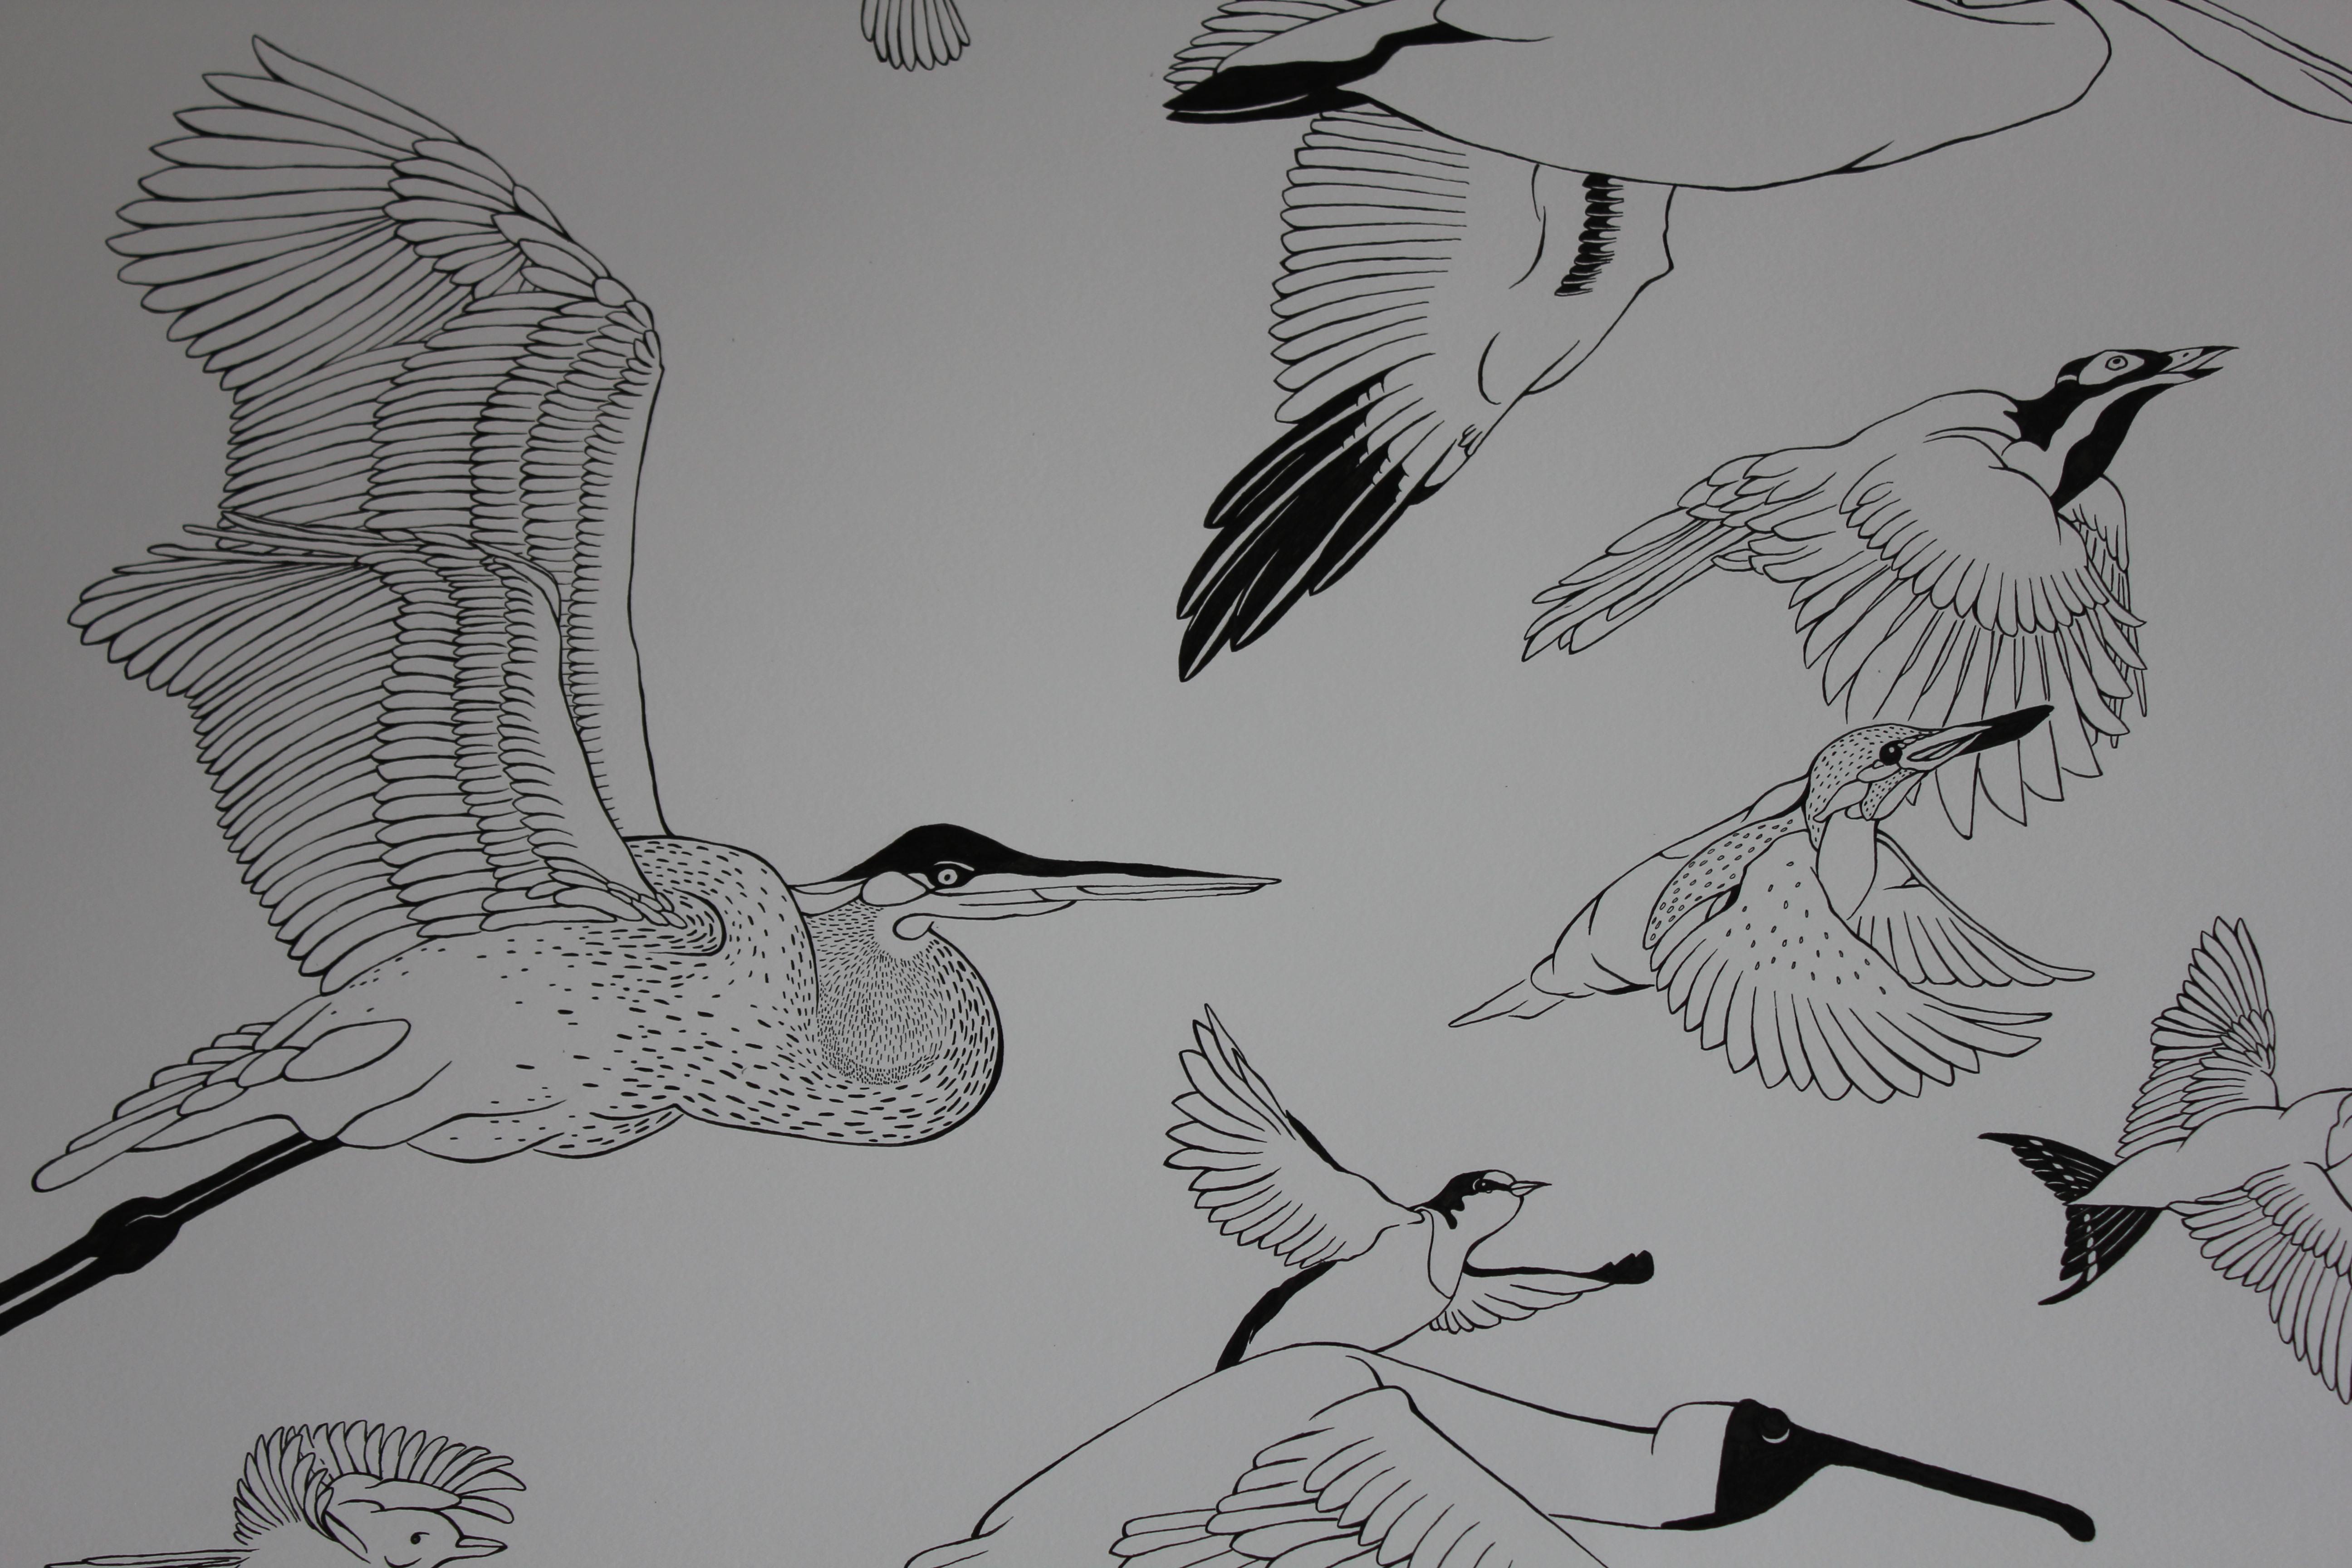 004_Udsnit-af-optegnede-fugle